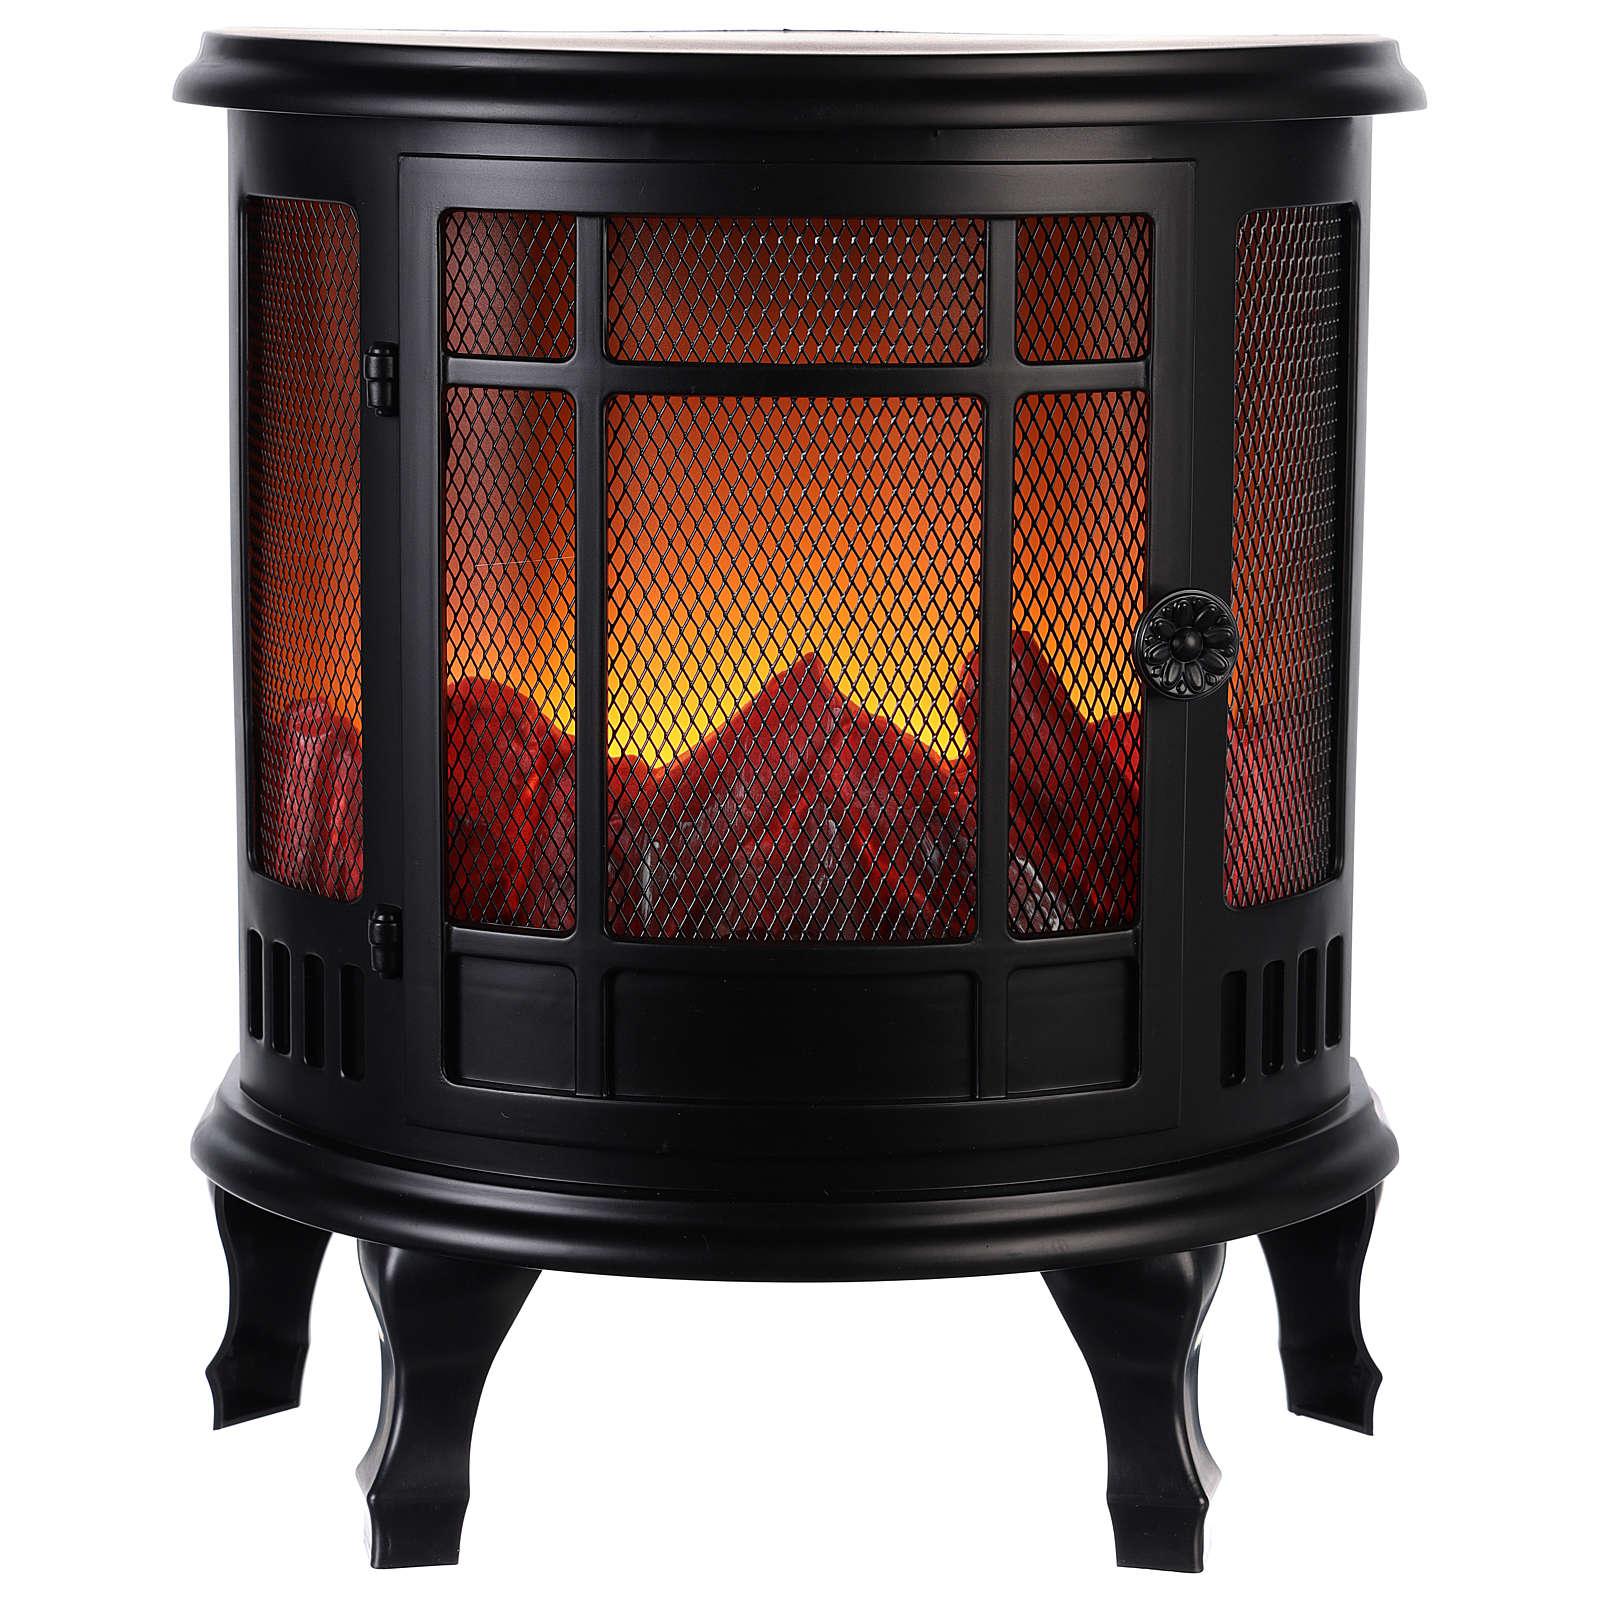 Chimenea Led: estufa con fuego 35x30x15 cm 3